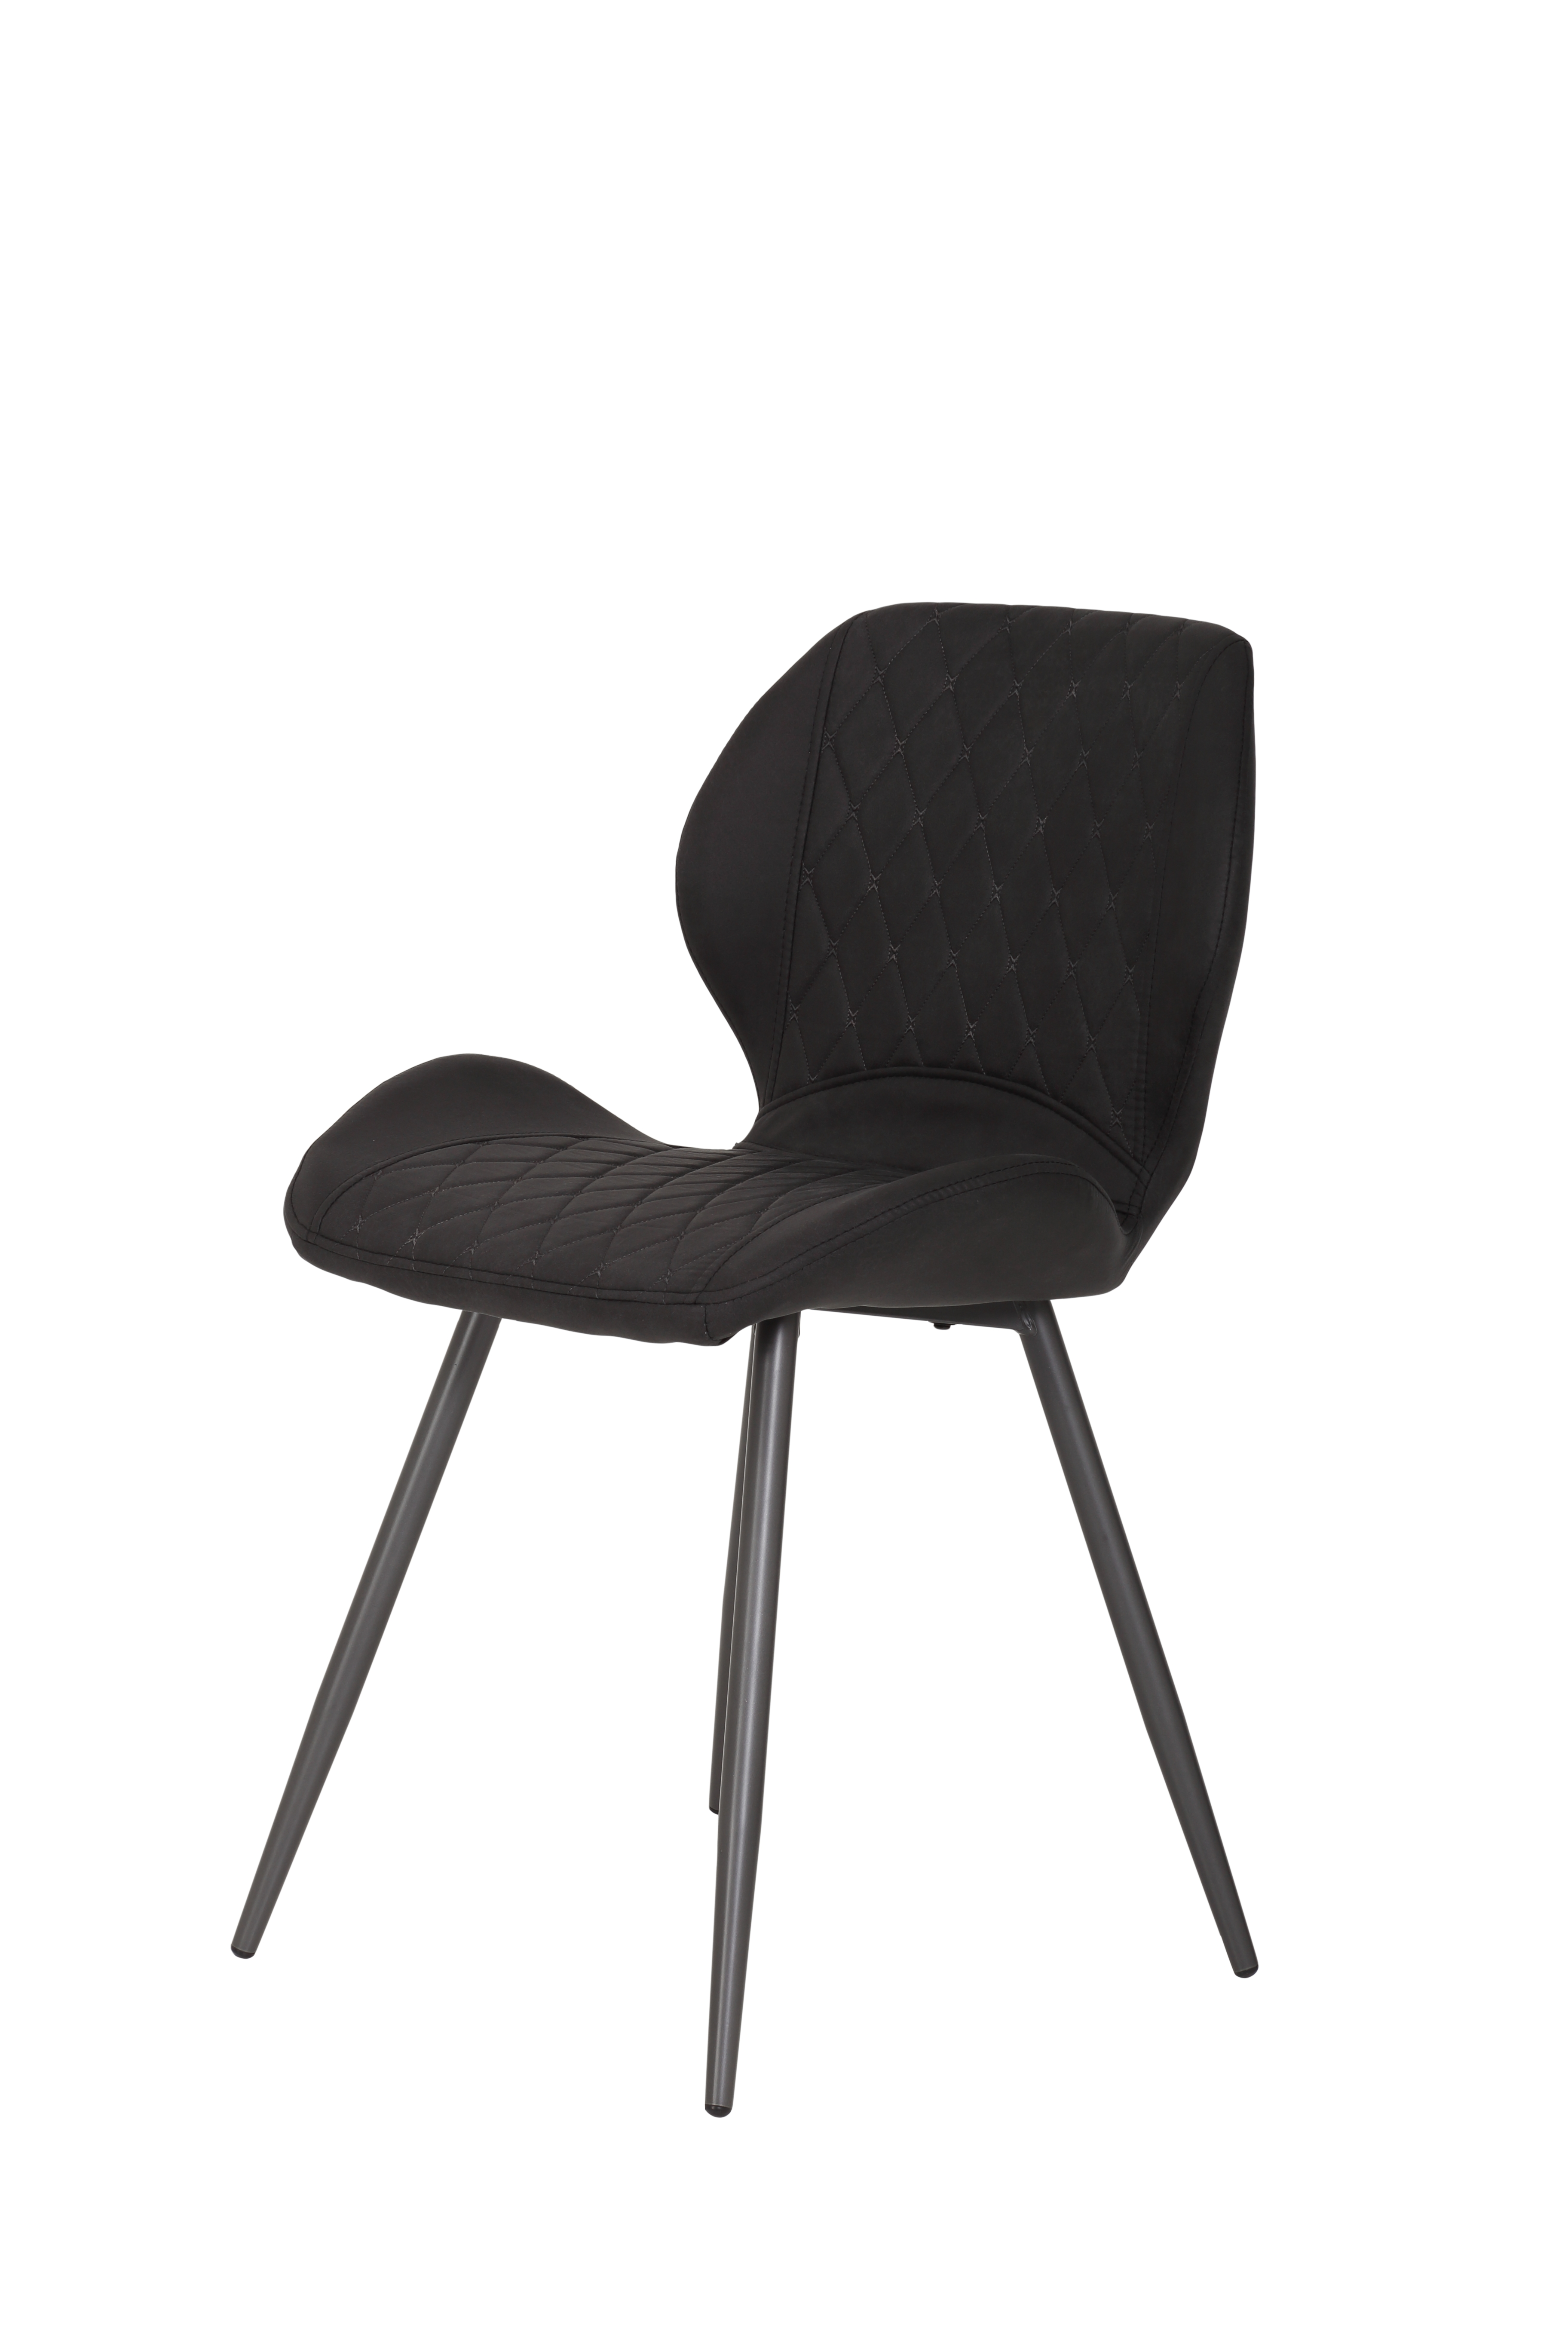 2 Stühle=Set Stuhl Küchenstuhl Esszimmerstuhl Retrostuhl Aurora S 46 Vintage Anthrazit